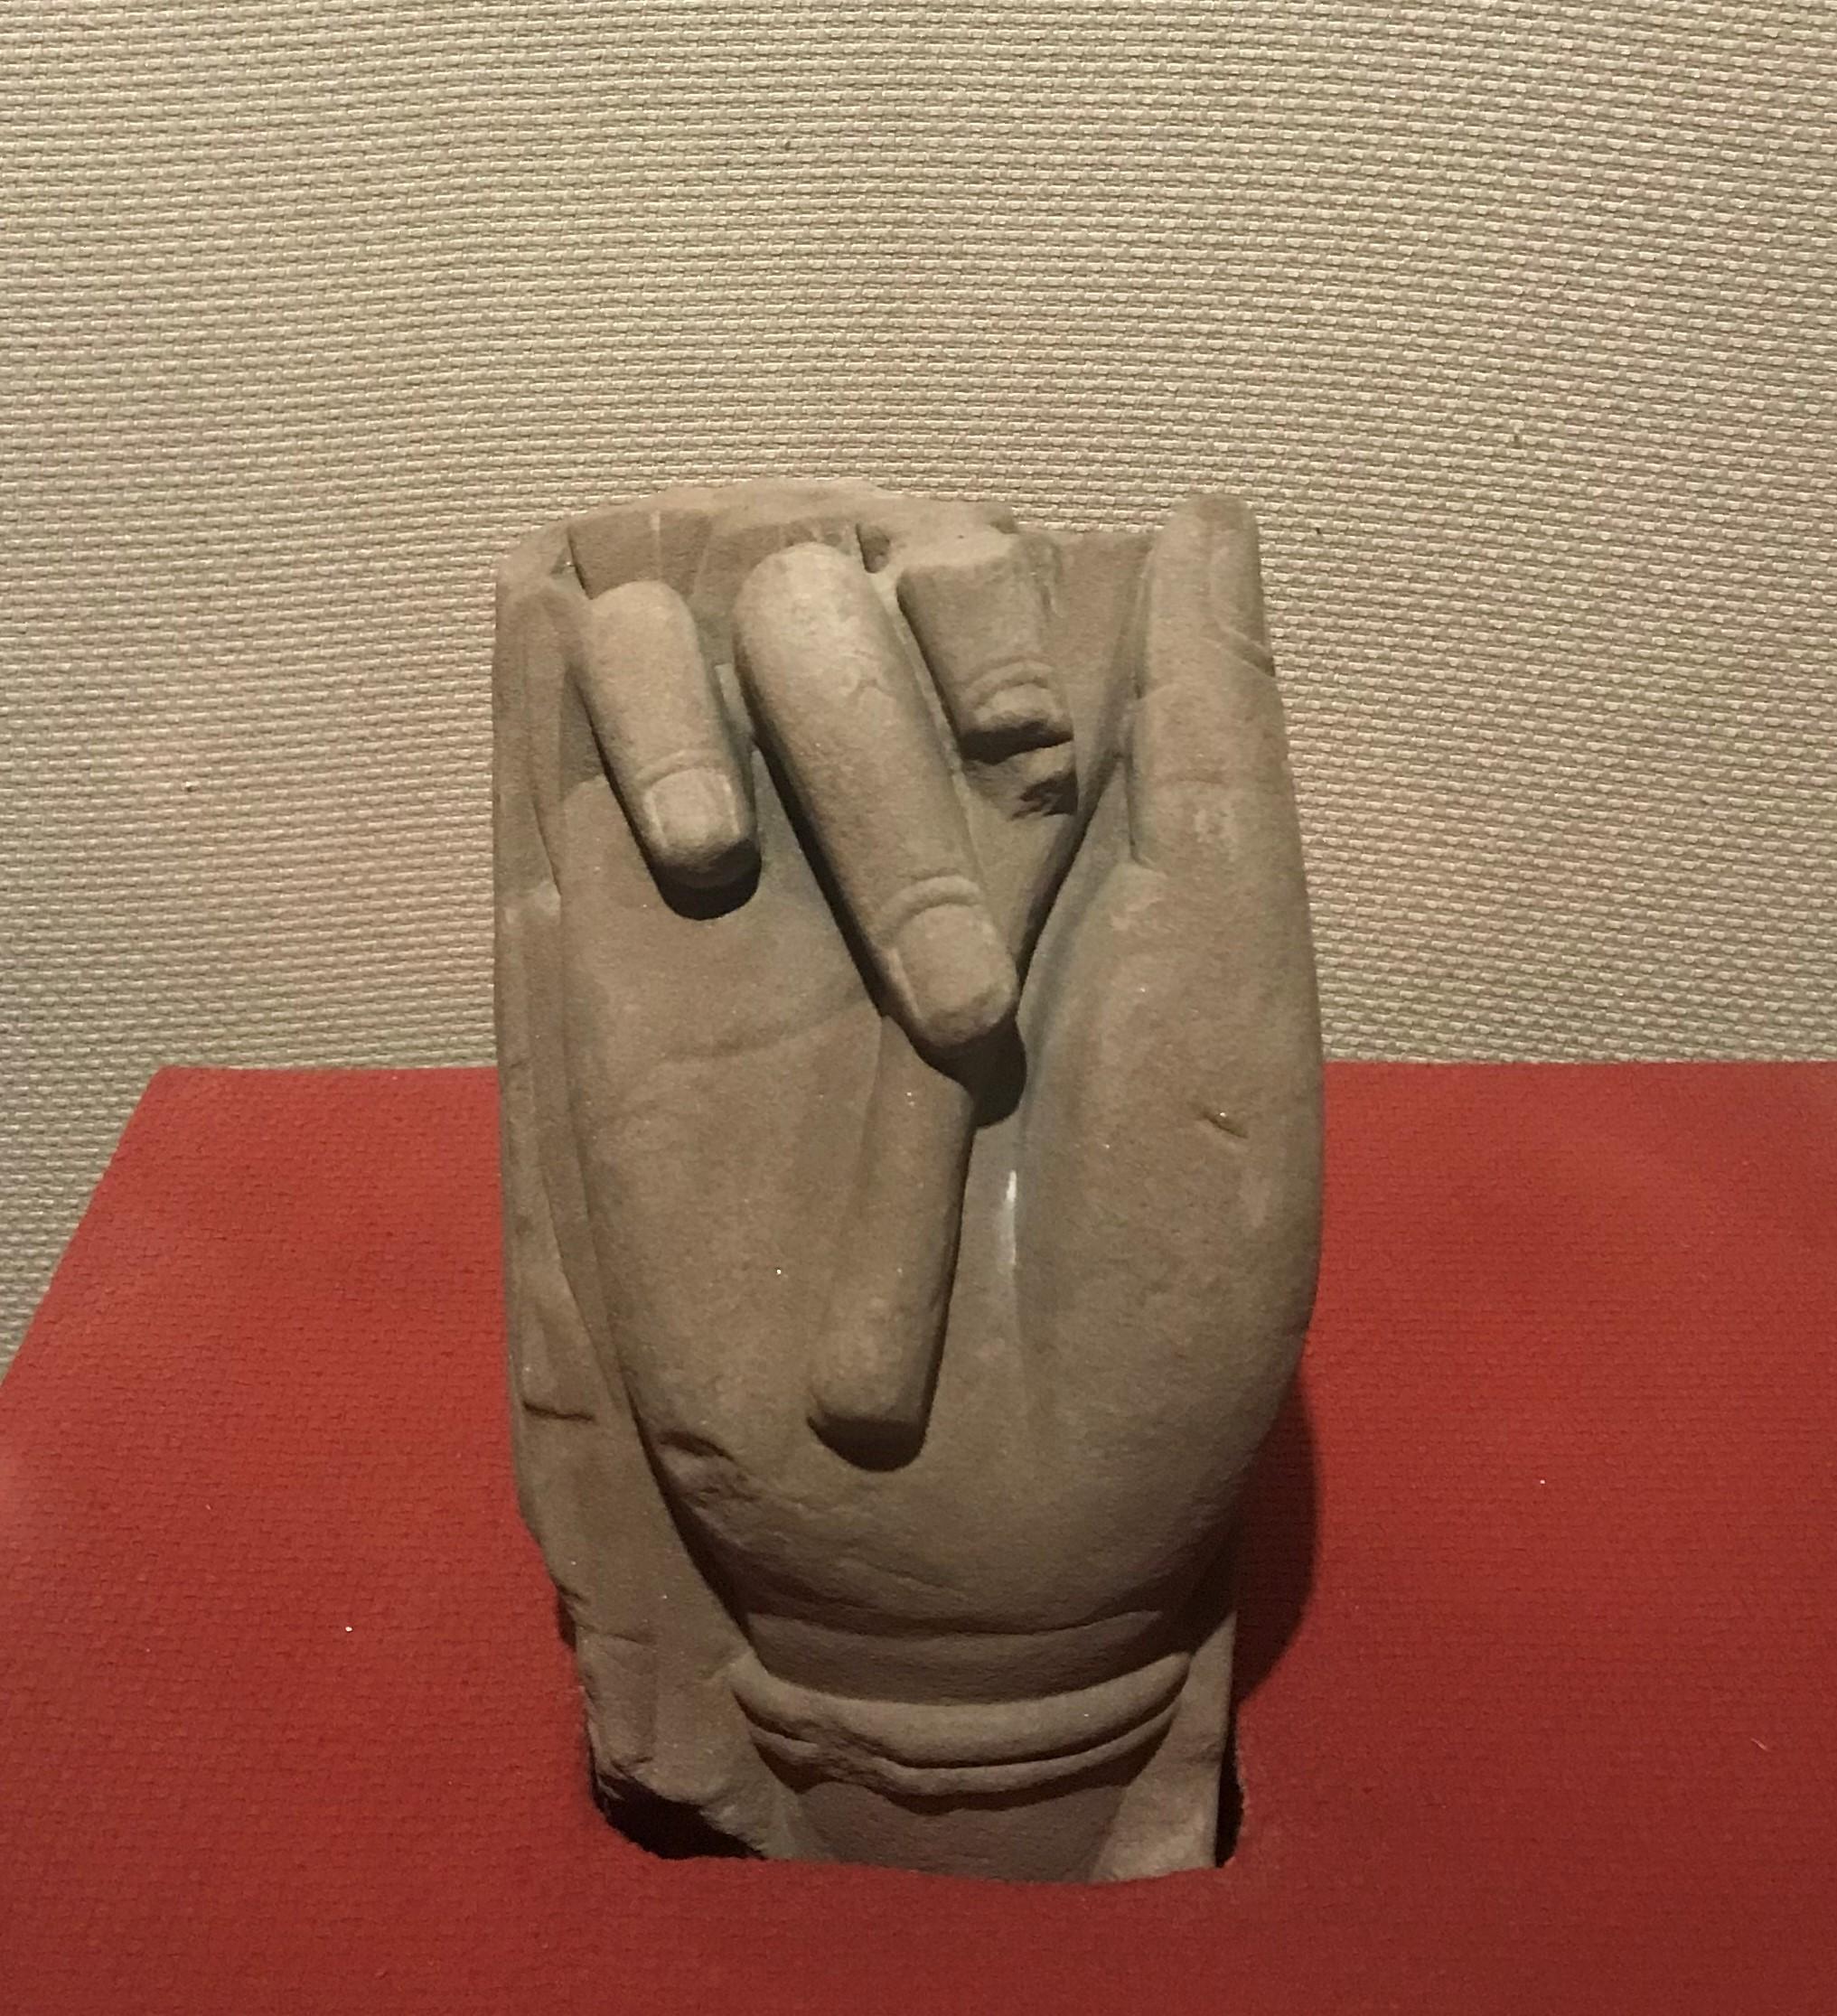 菩薩手-唐期末・五代-四川万仏寺石刻館-四川博物院-成都